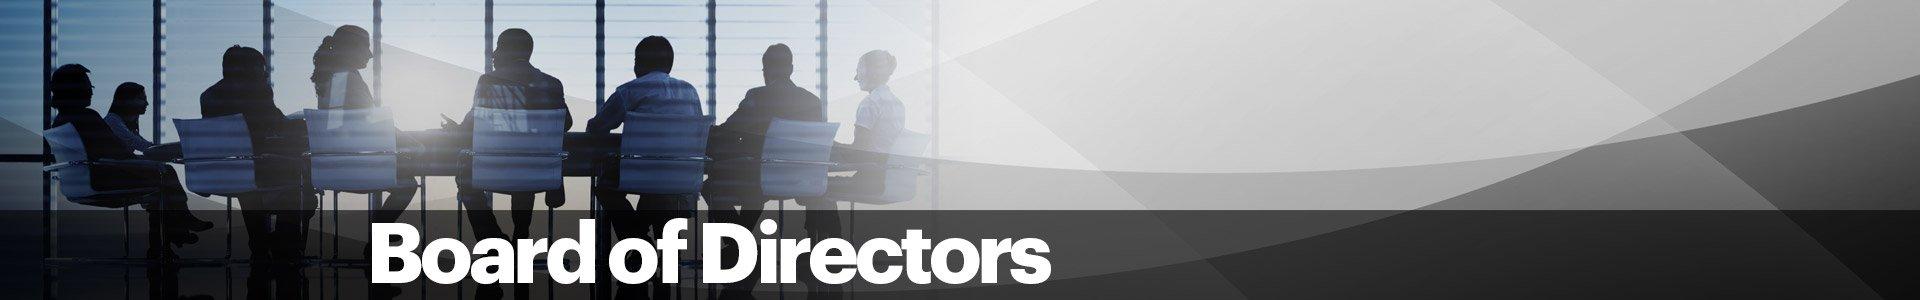 Board of Directors Banner